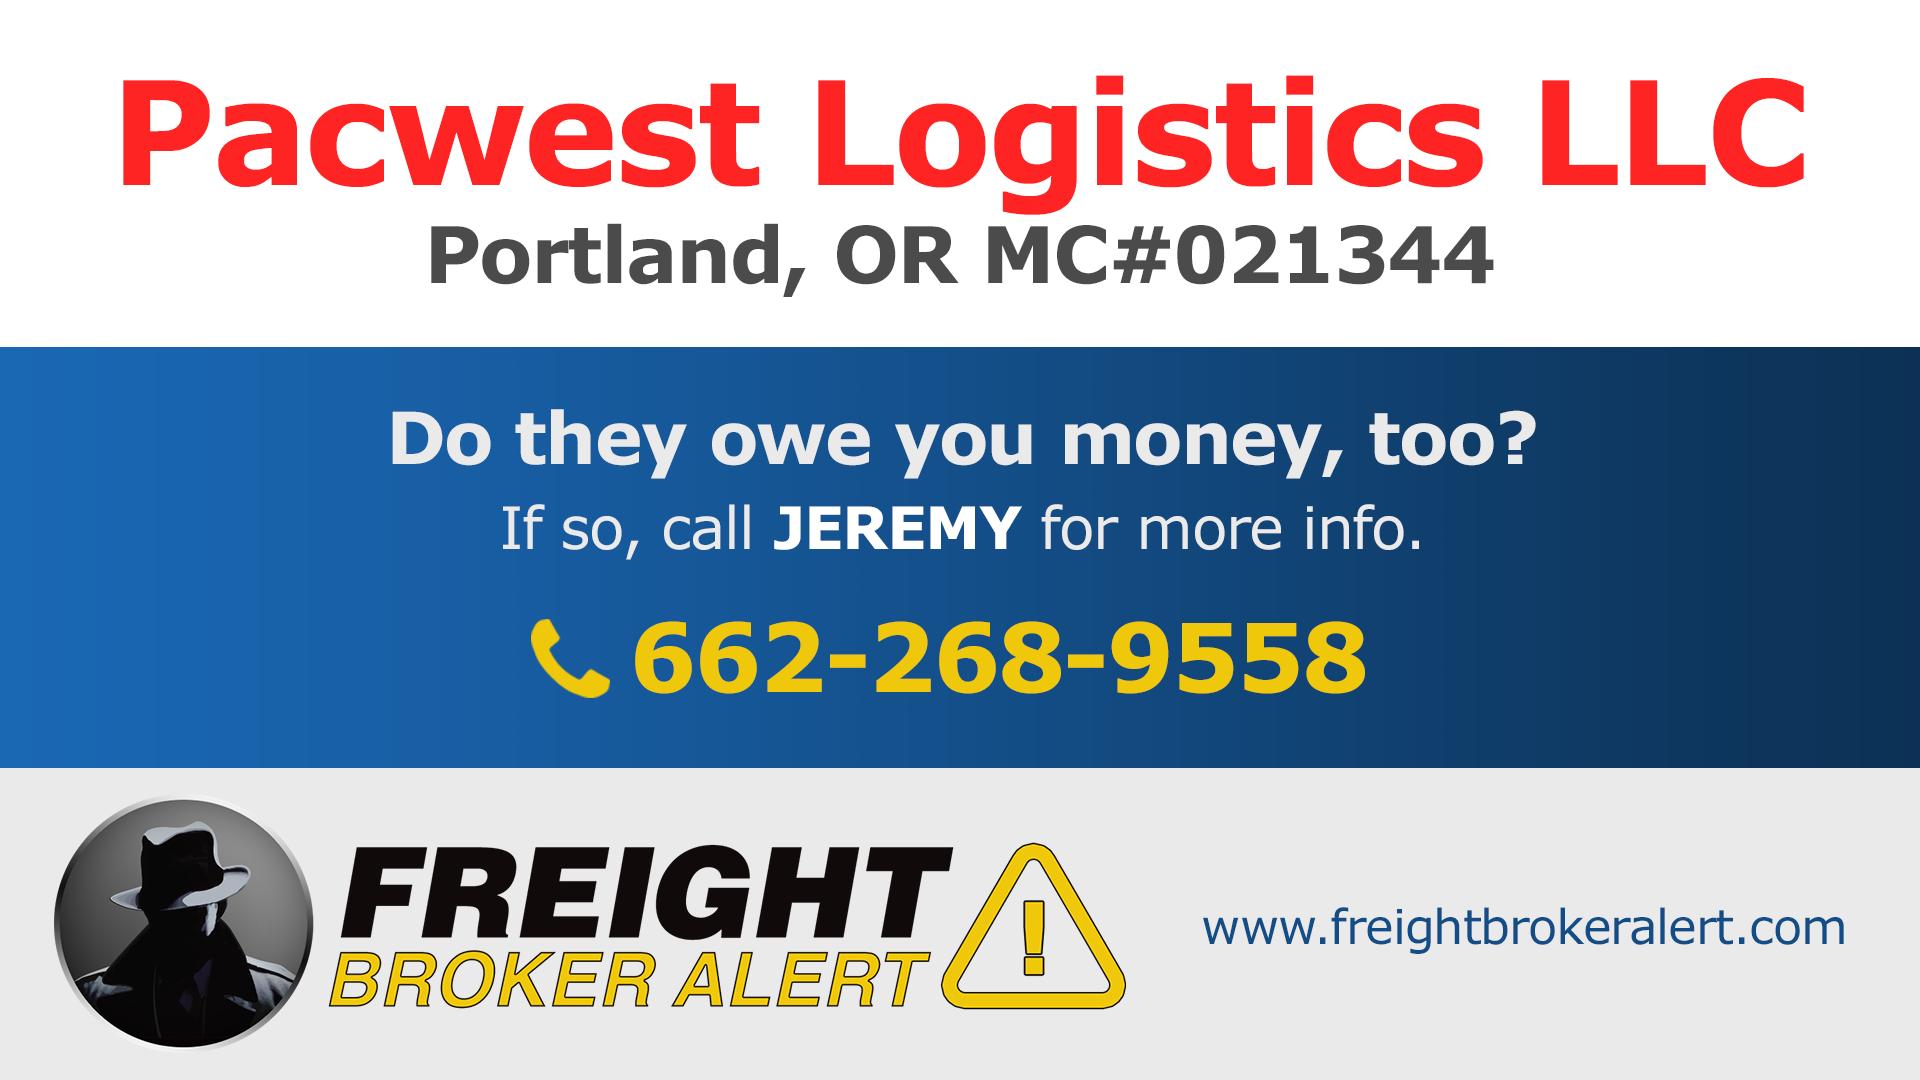 Pacwest Logistics LLC Oregon